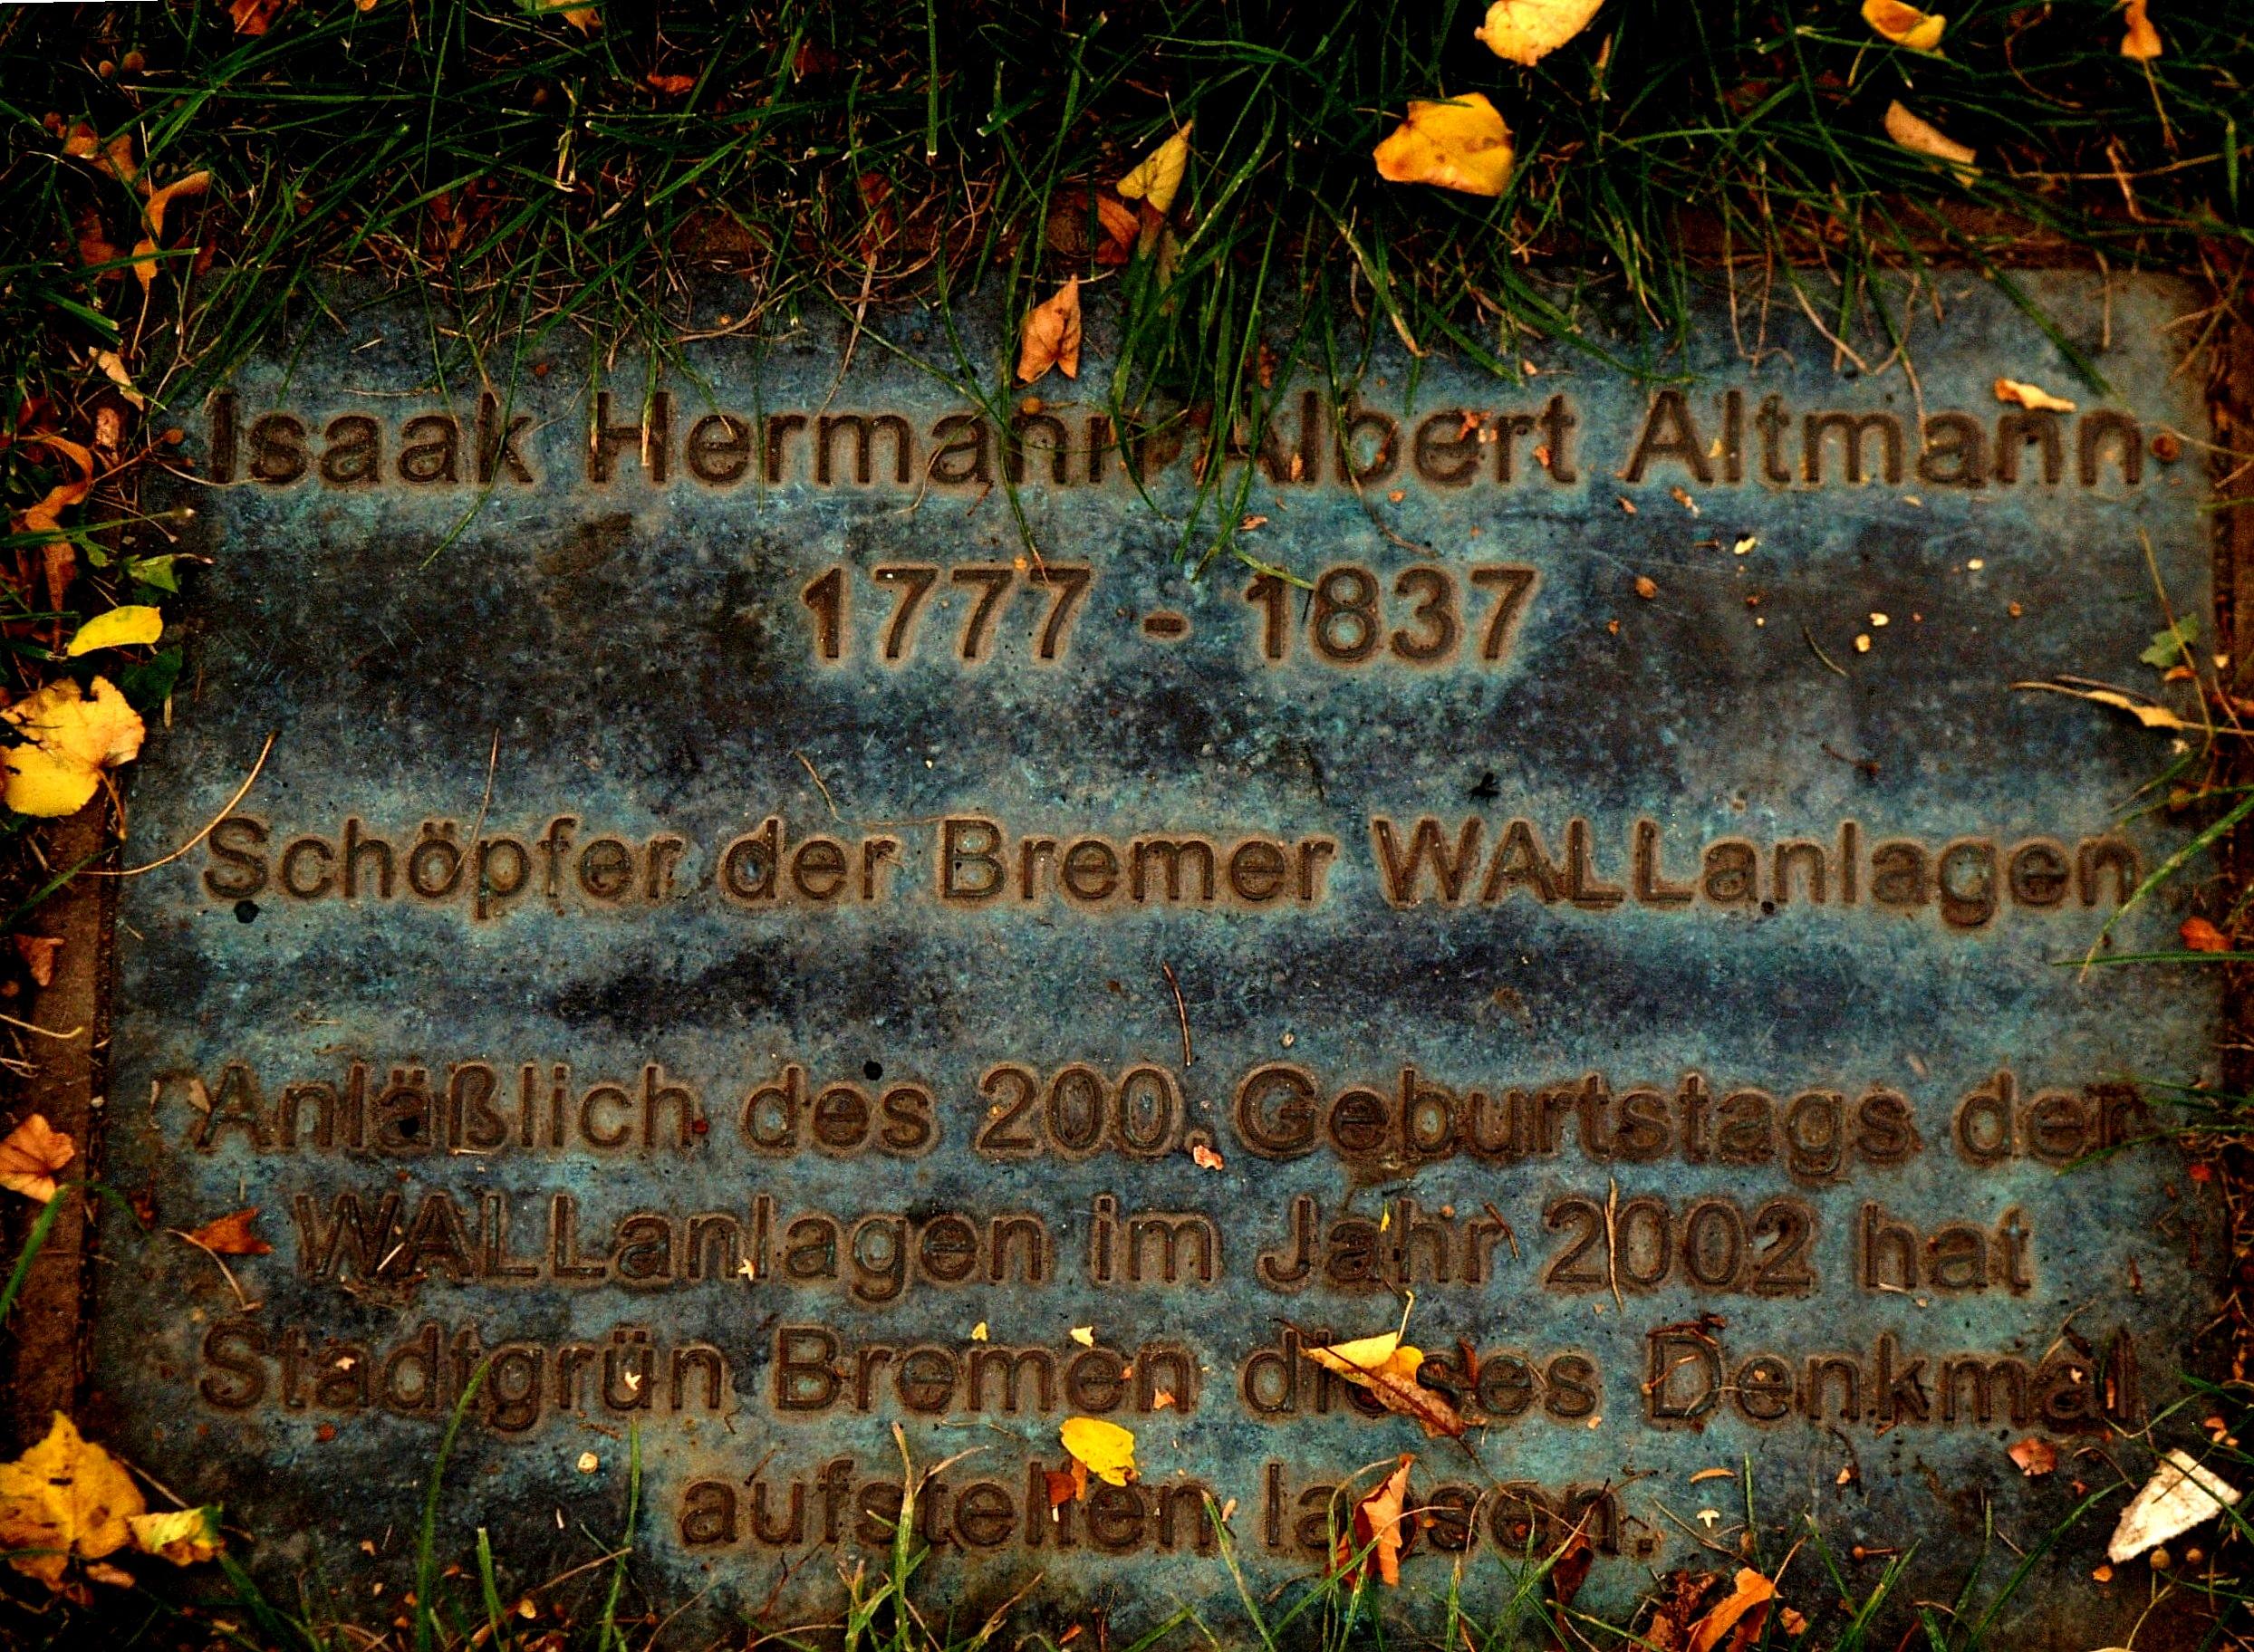 10-09-08-0192bokinschriftbuestealtmwallIII